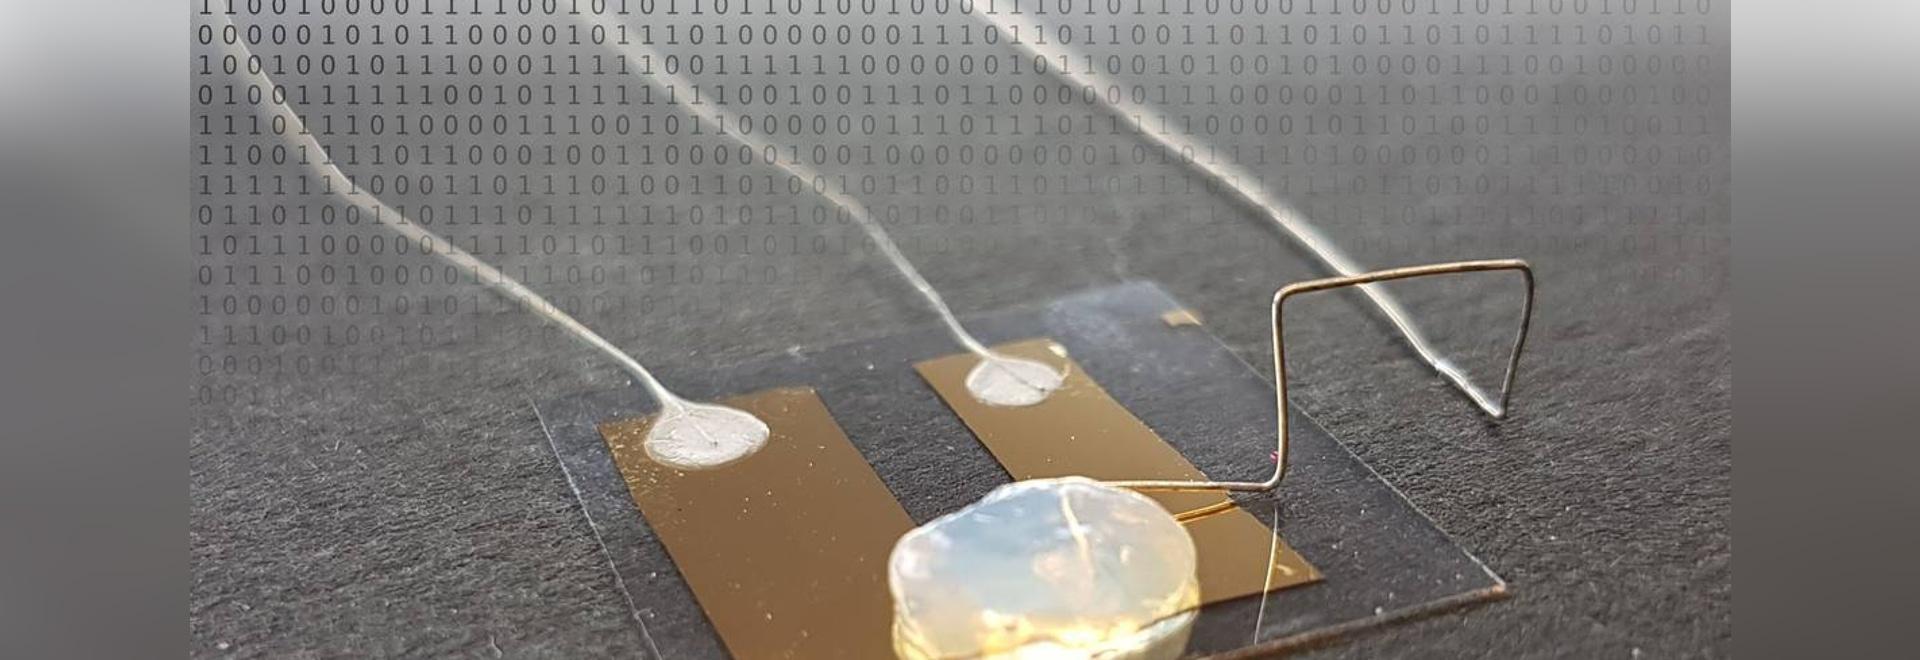 KIT Physicists Develop World's Smallest, Single-Atom Transistor